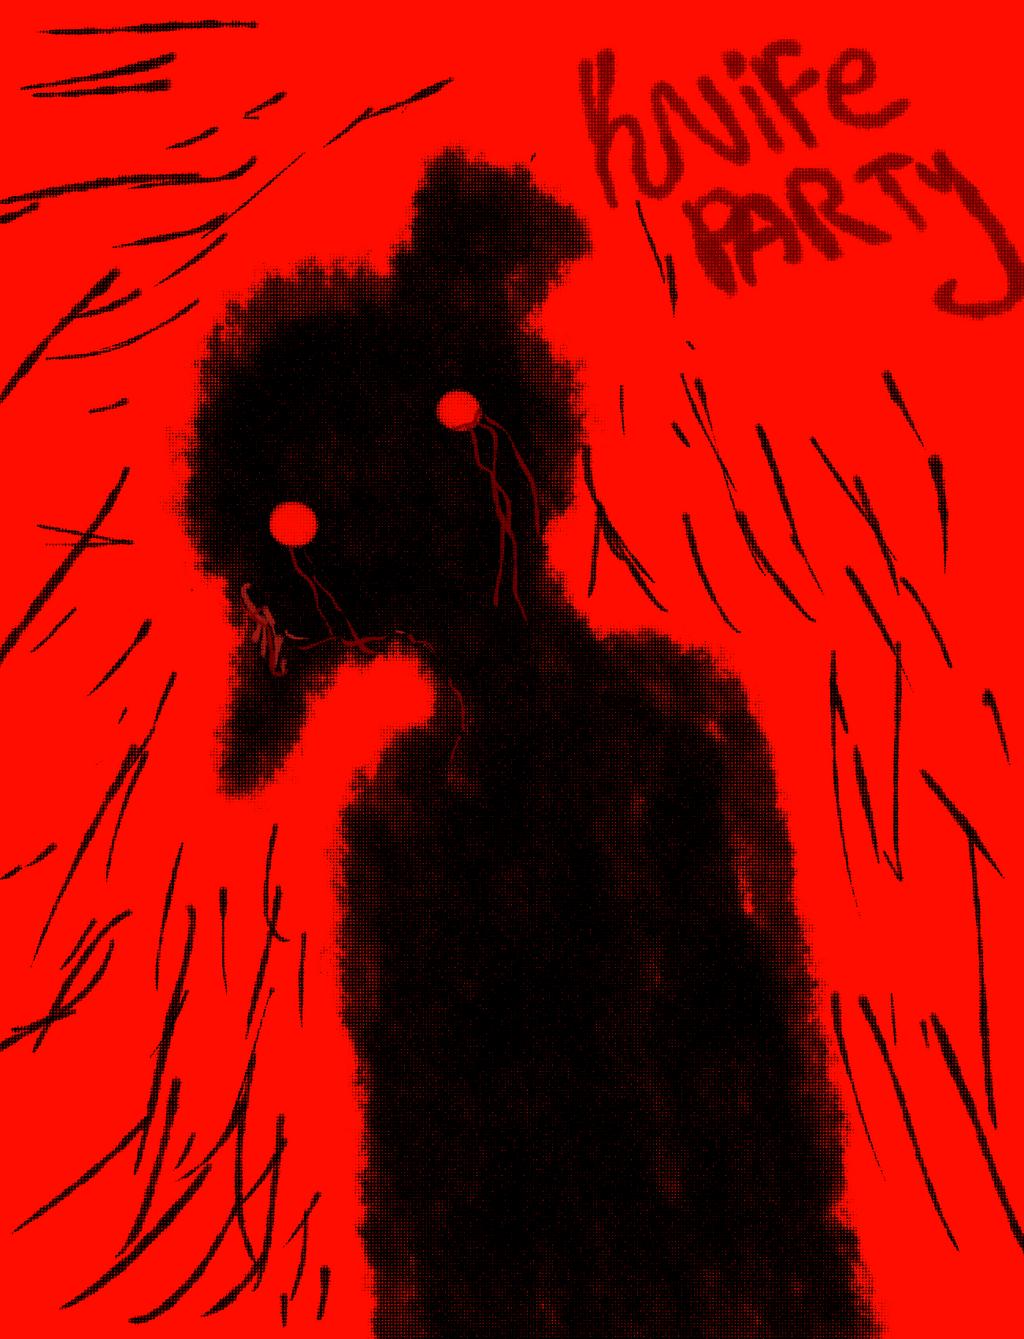 Knife Party -Fan Art- by ElBodoque on DeviantArt